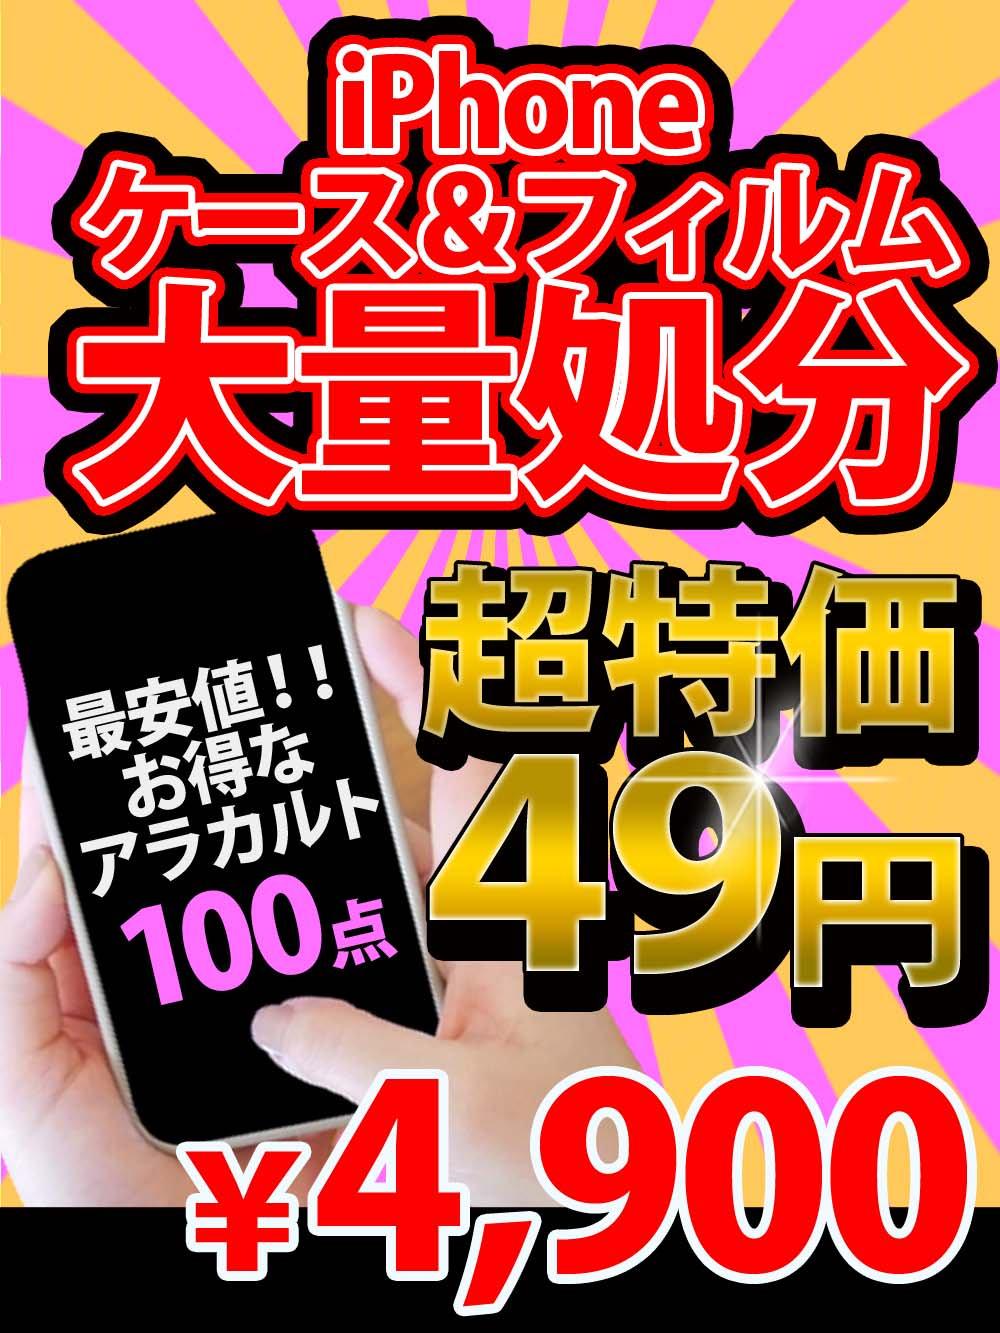 【史上最安値49円】新入荷deリニューアル!スマホケース&フィルム iPad/iPhone/Xperia/GALAXY/…多種対応【100点】